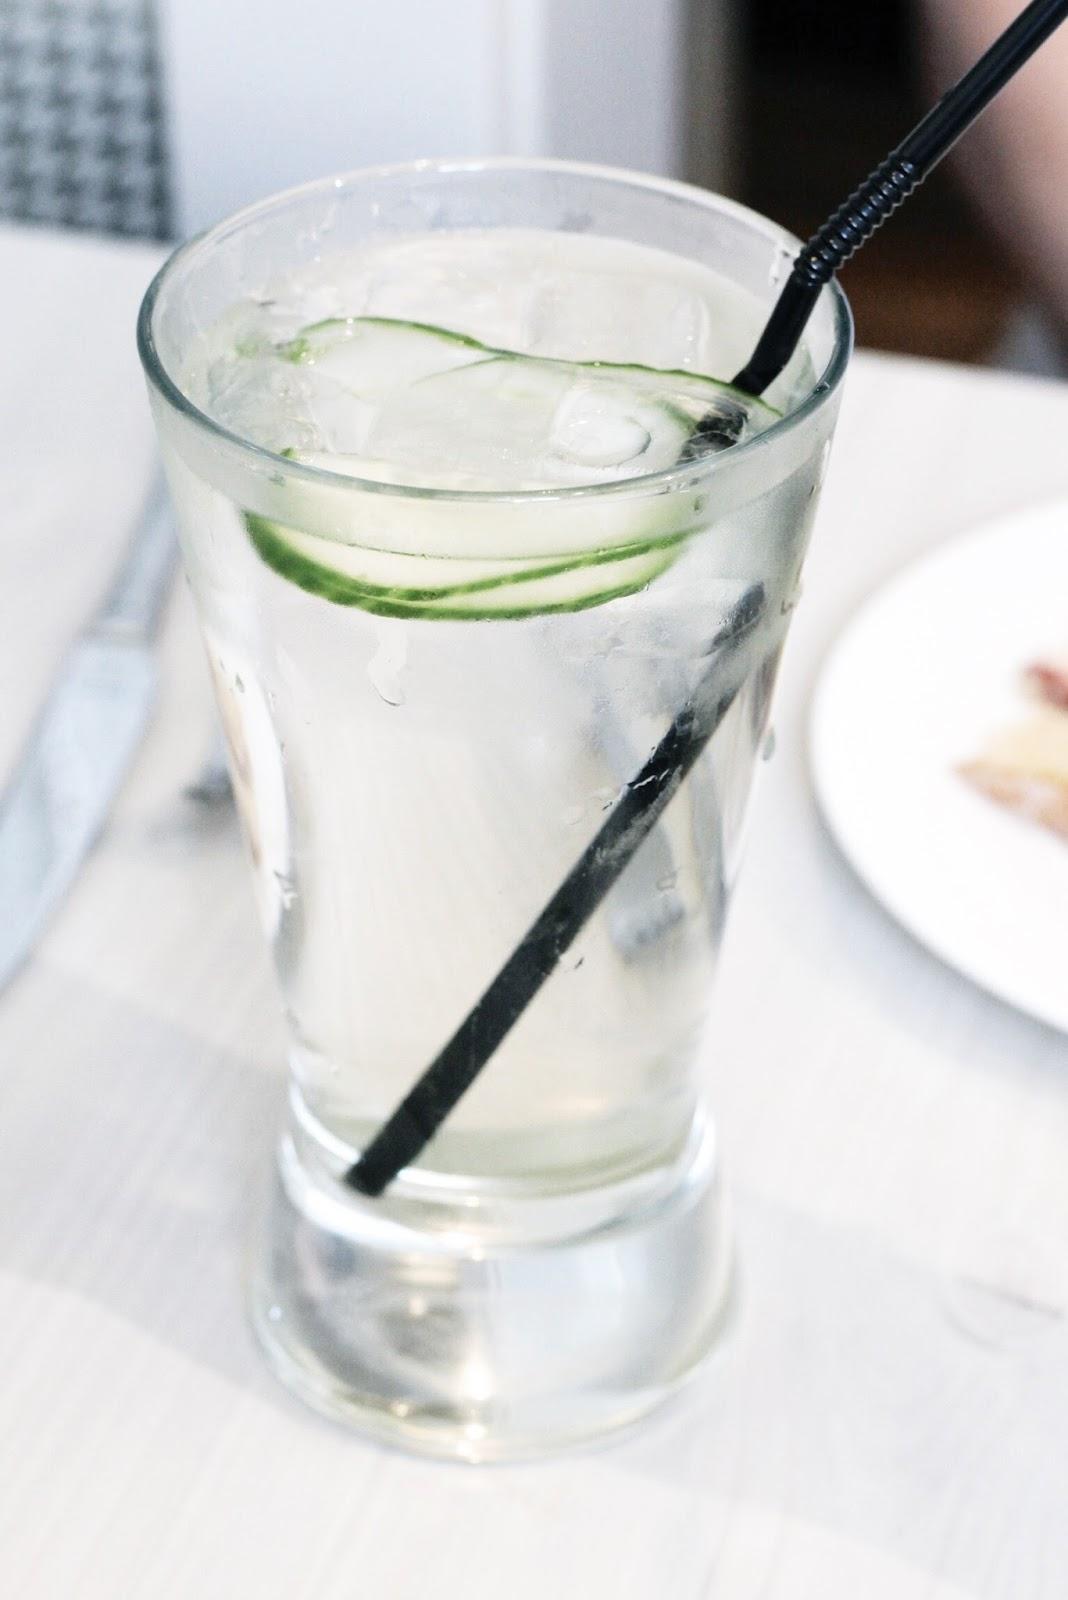 Glass of Elderflower Cordial at Jolly's Tea Room